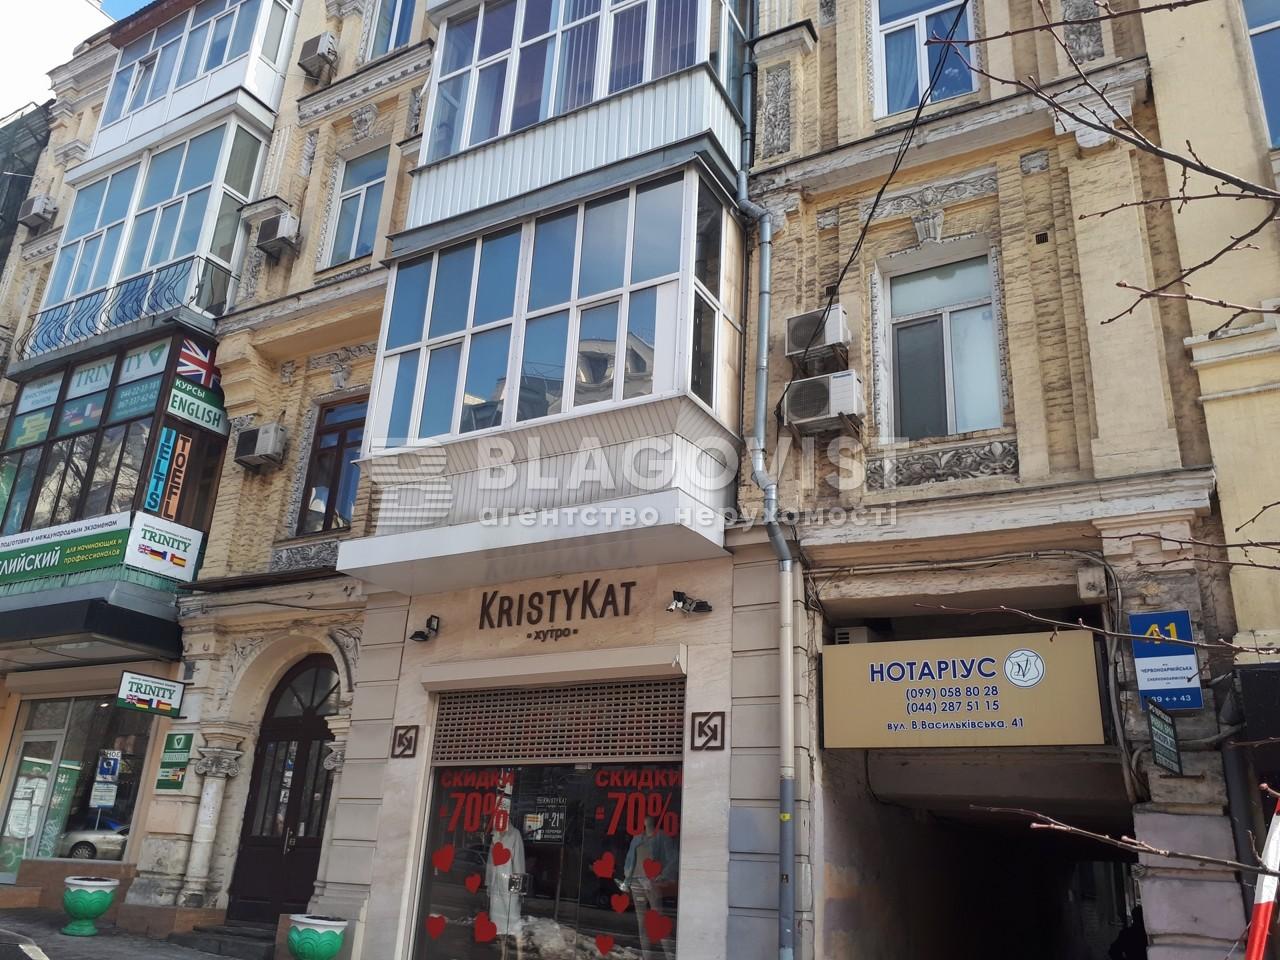 Квартира E-39046, Большая Васильковская, 41, Киев - Фото 2